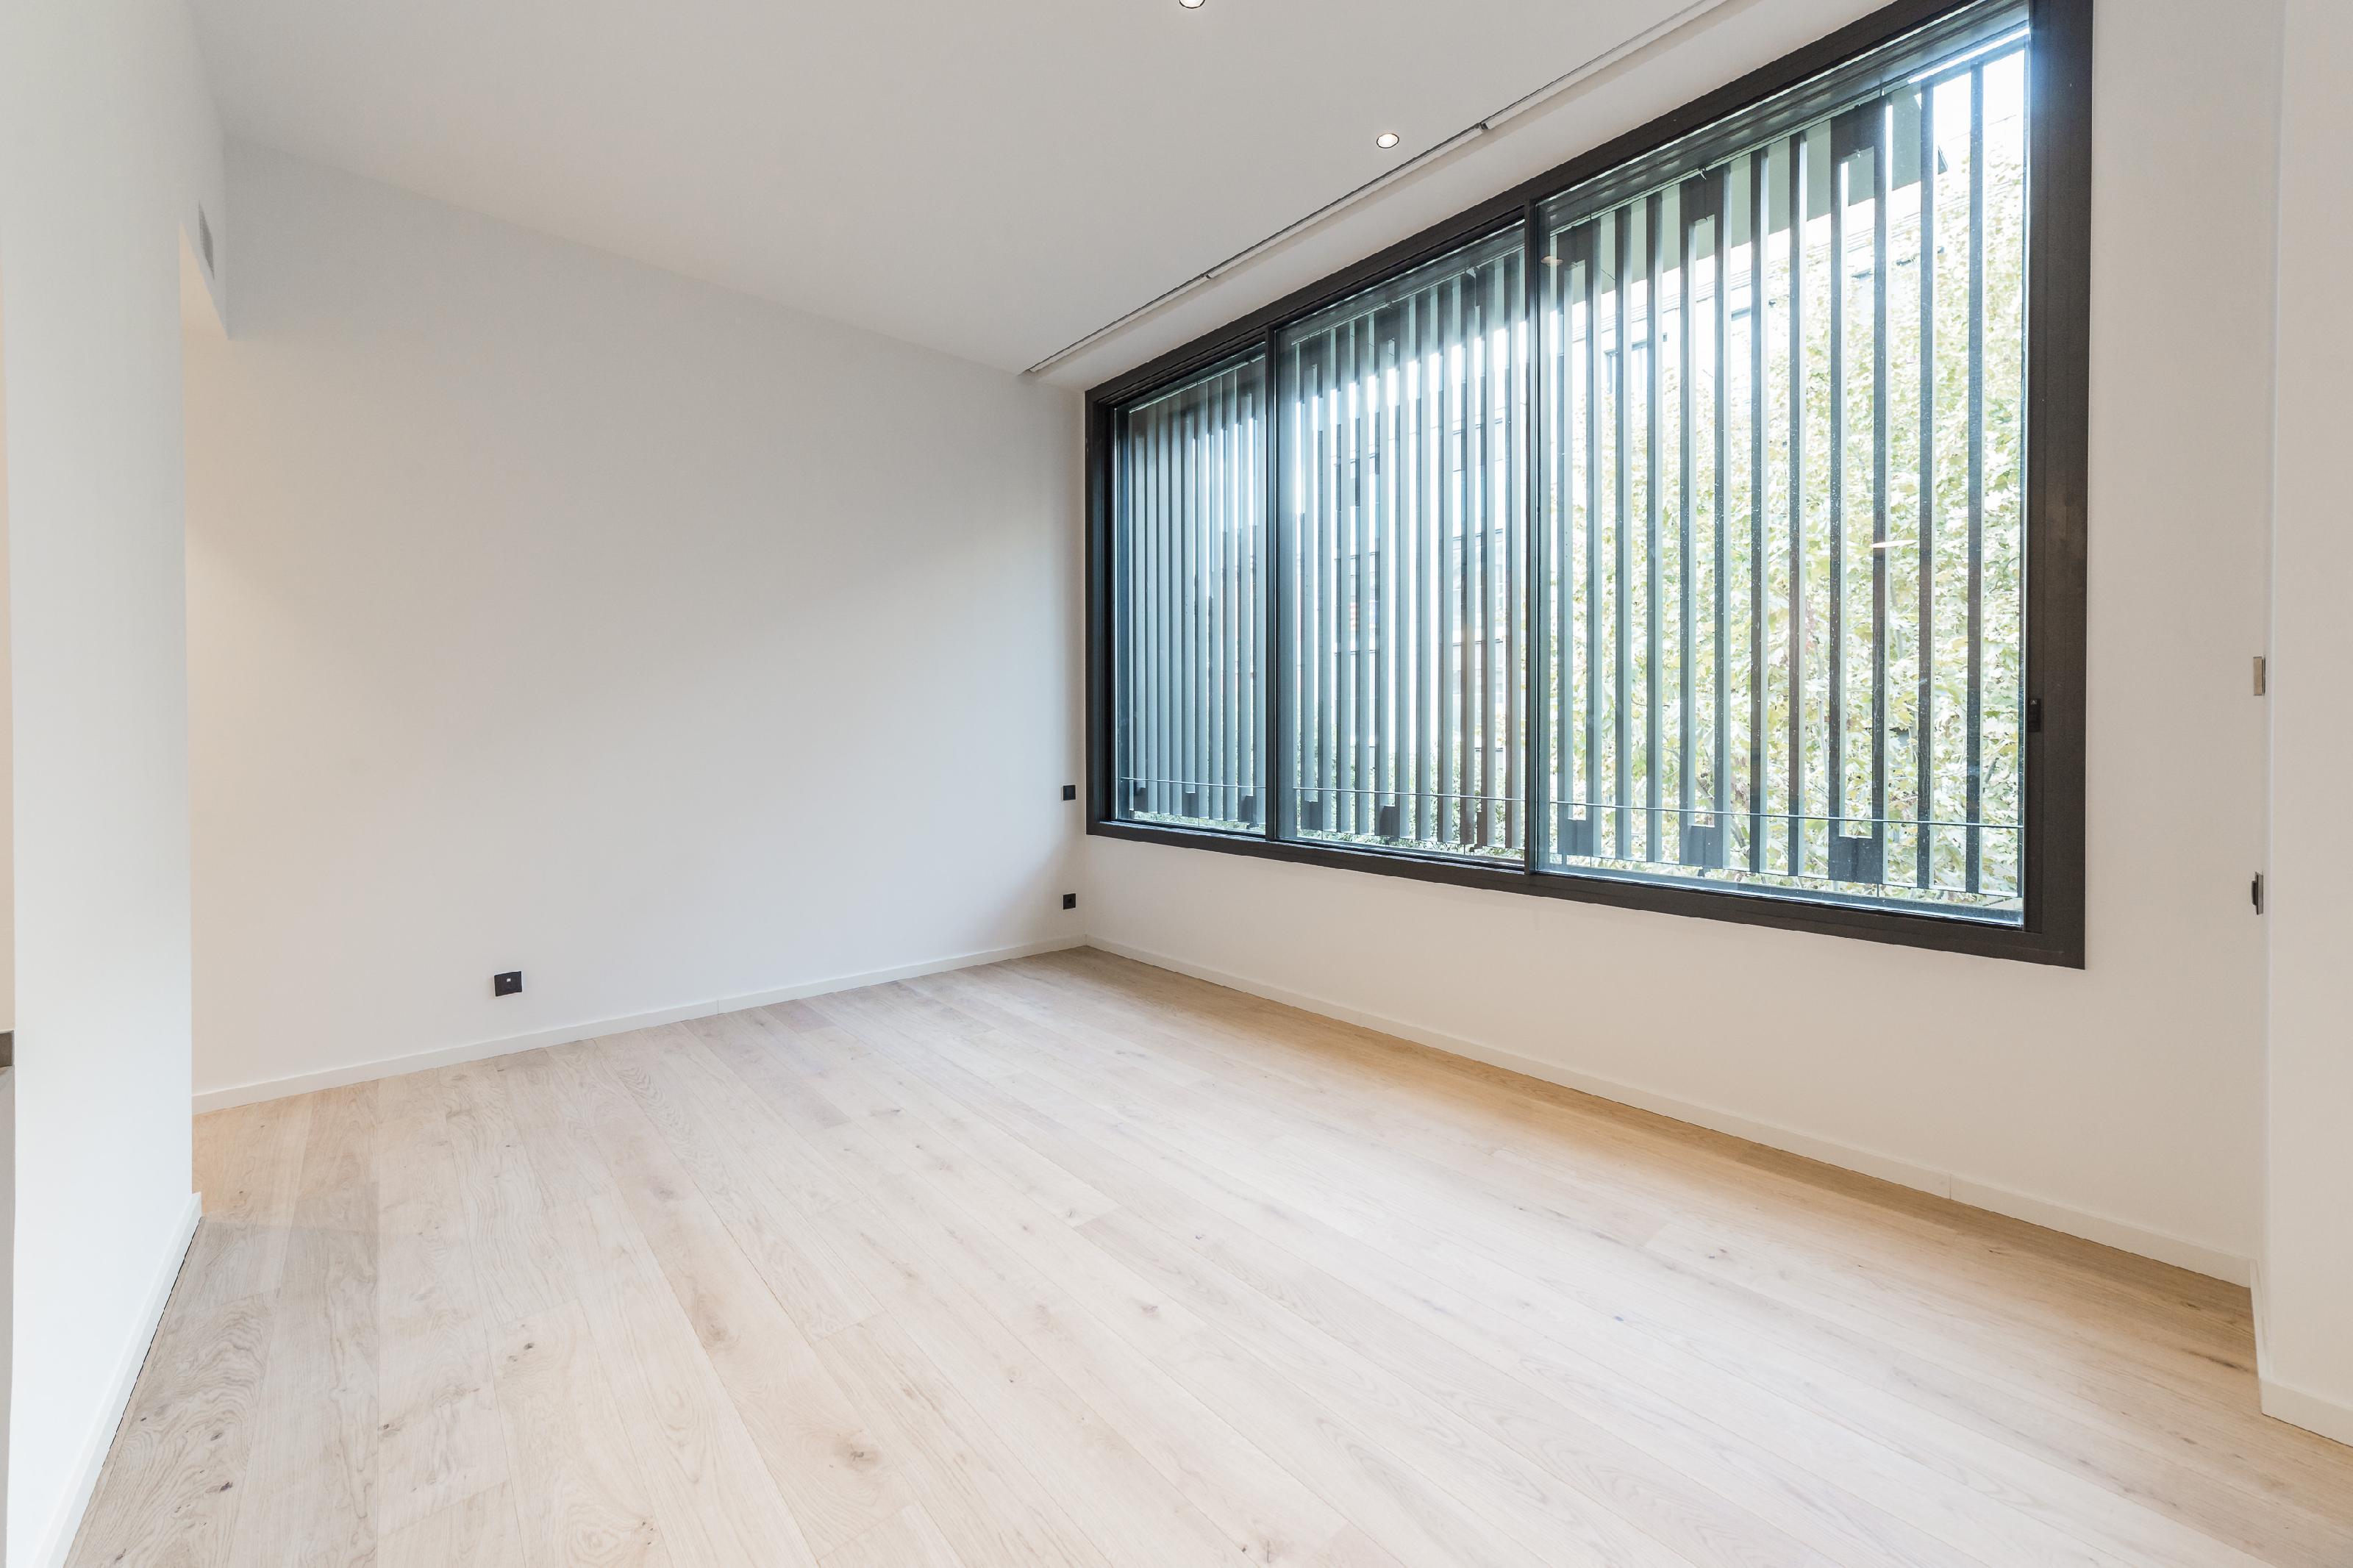 251949 Apartment for sale in Eixample, Antiga Esquerre Eixample 6